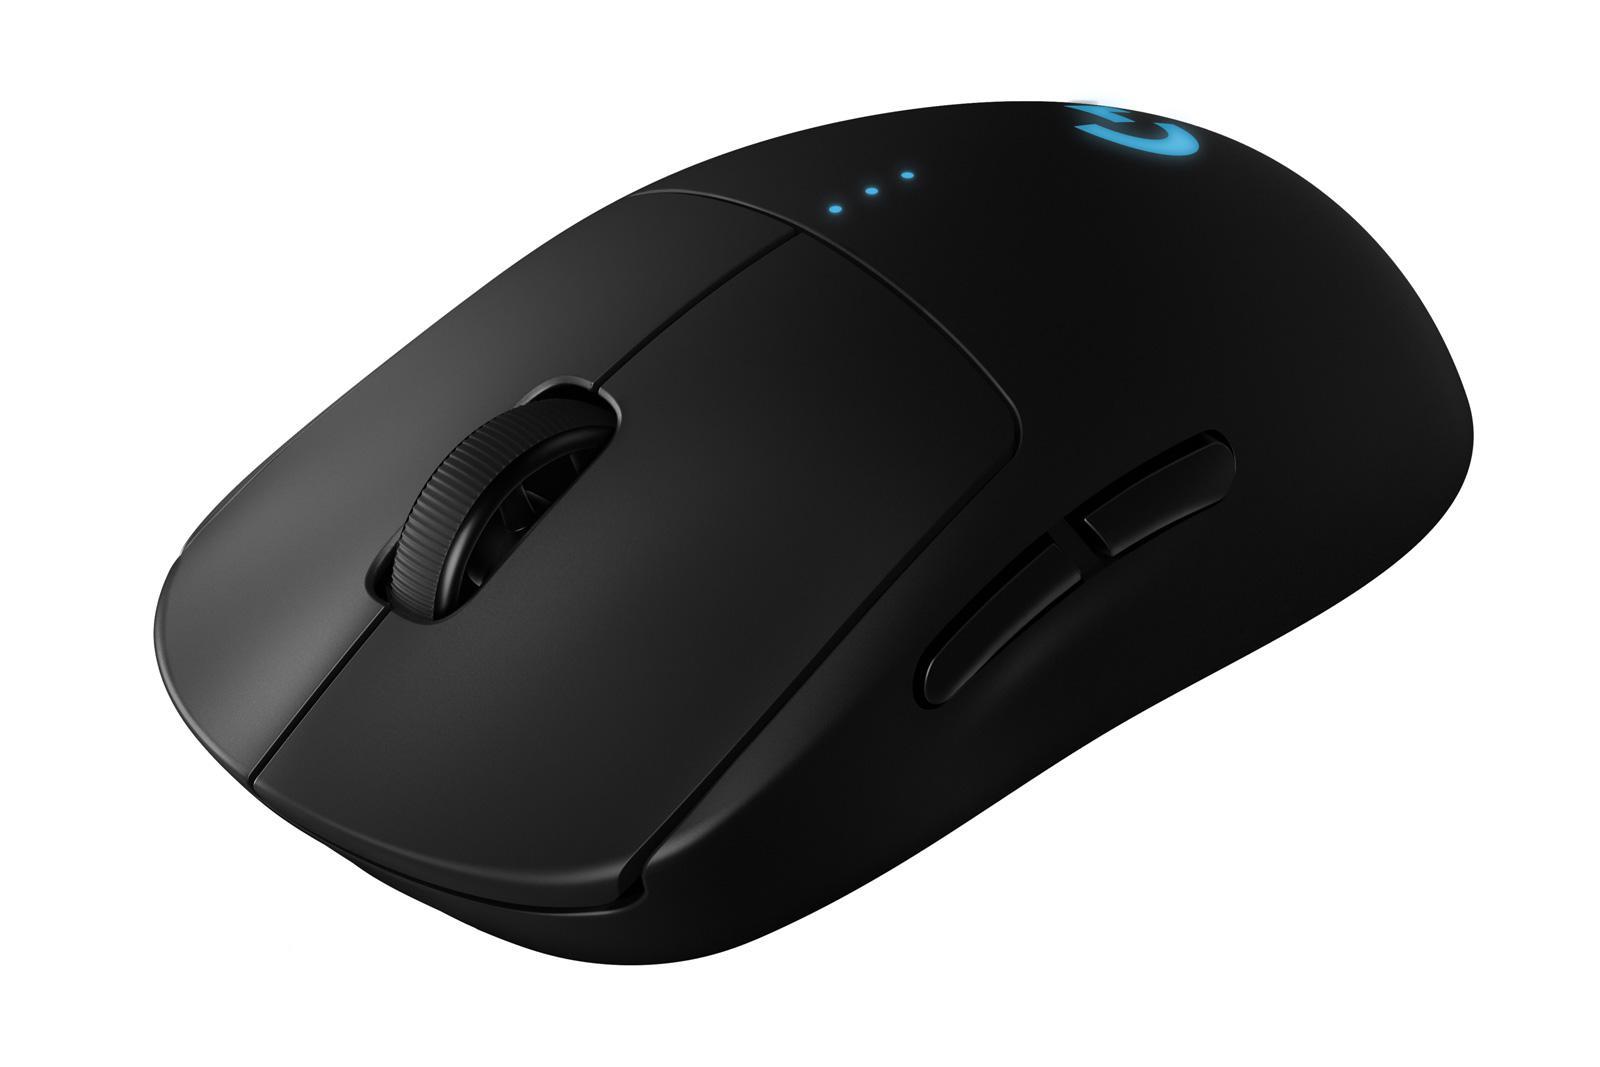 罗技推出新款无线电竞鼠标 加入了近几年来罗技开发的几乎所有技术